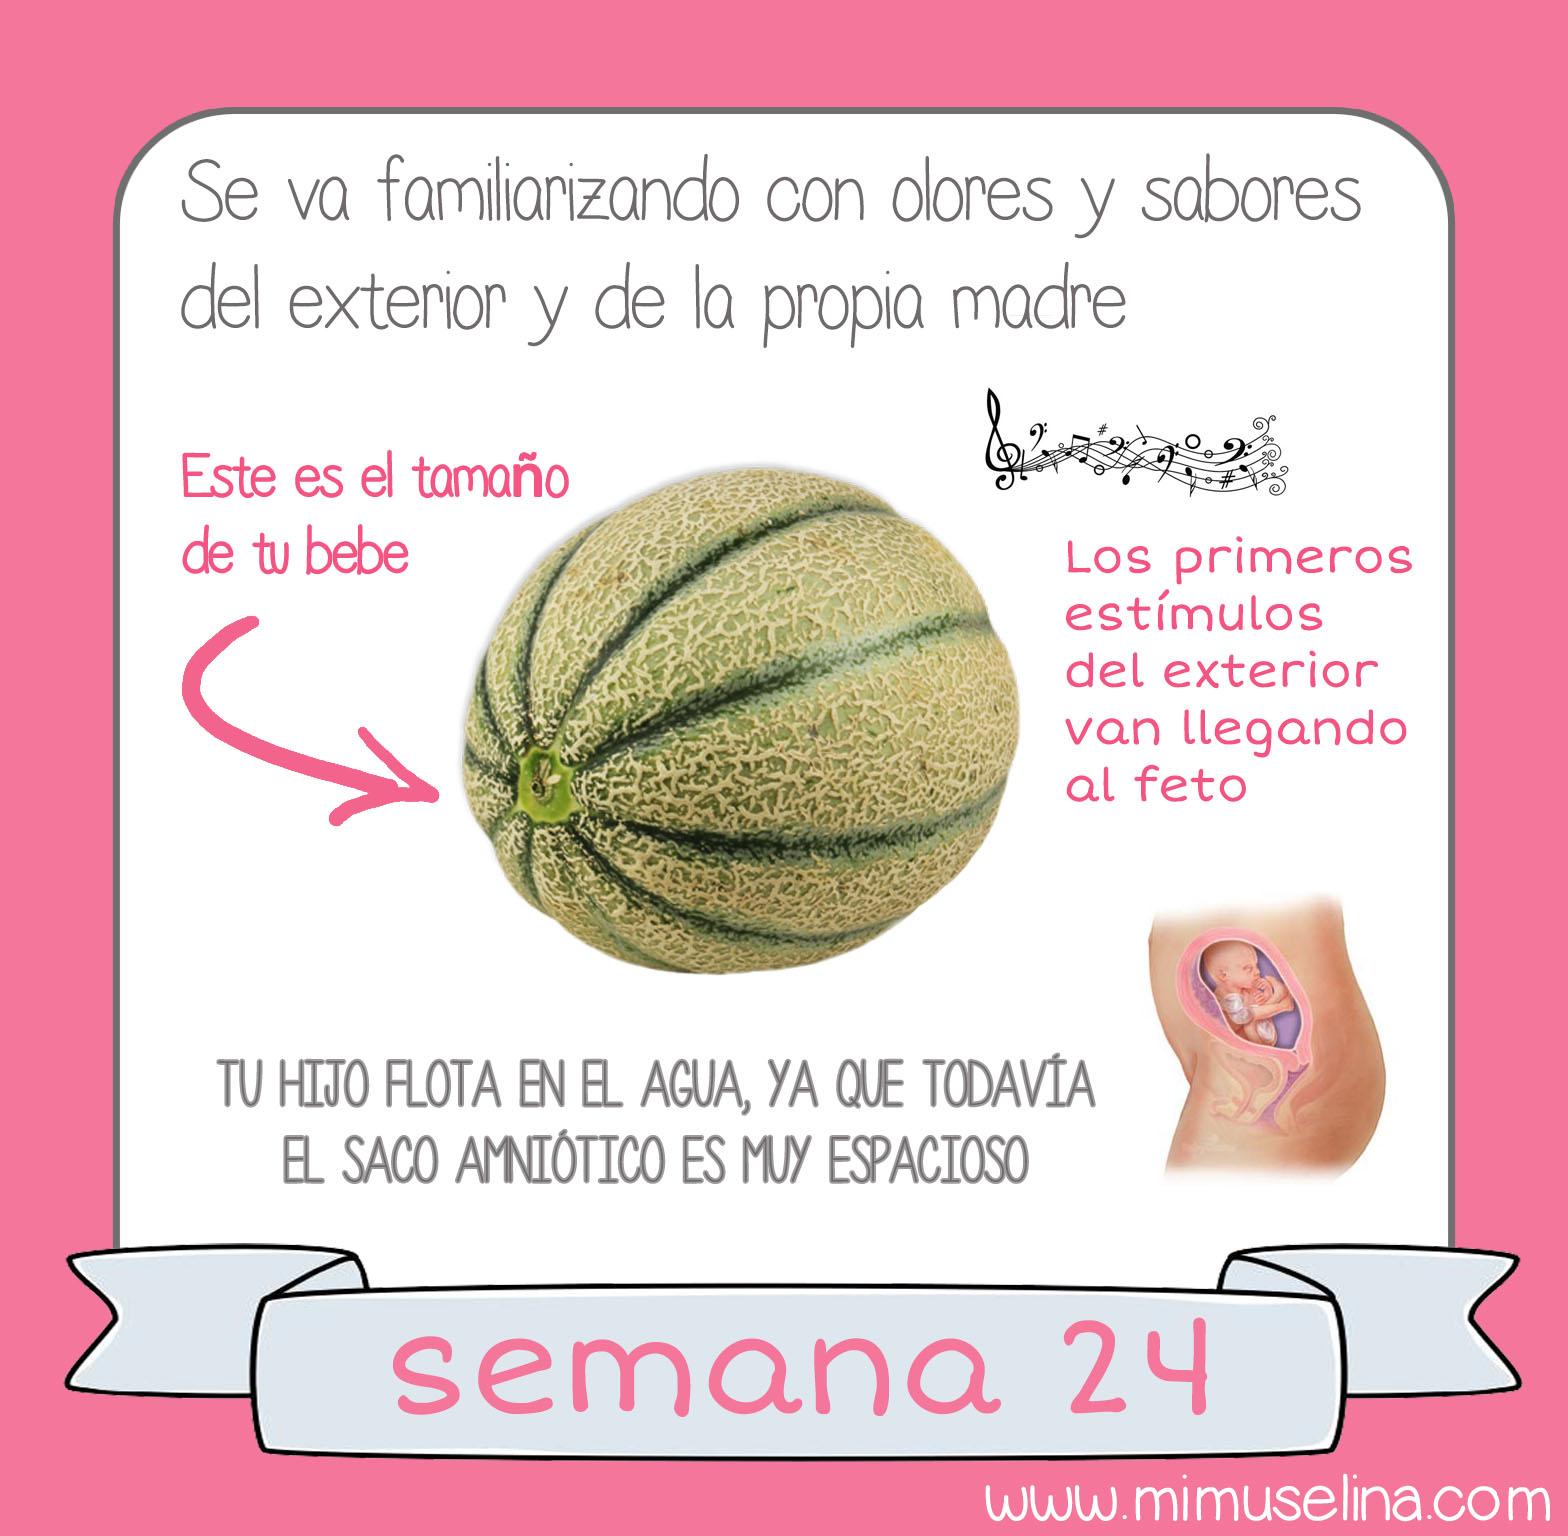 Ecografa 24 semanas de embarazo - Ecox 4D